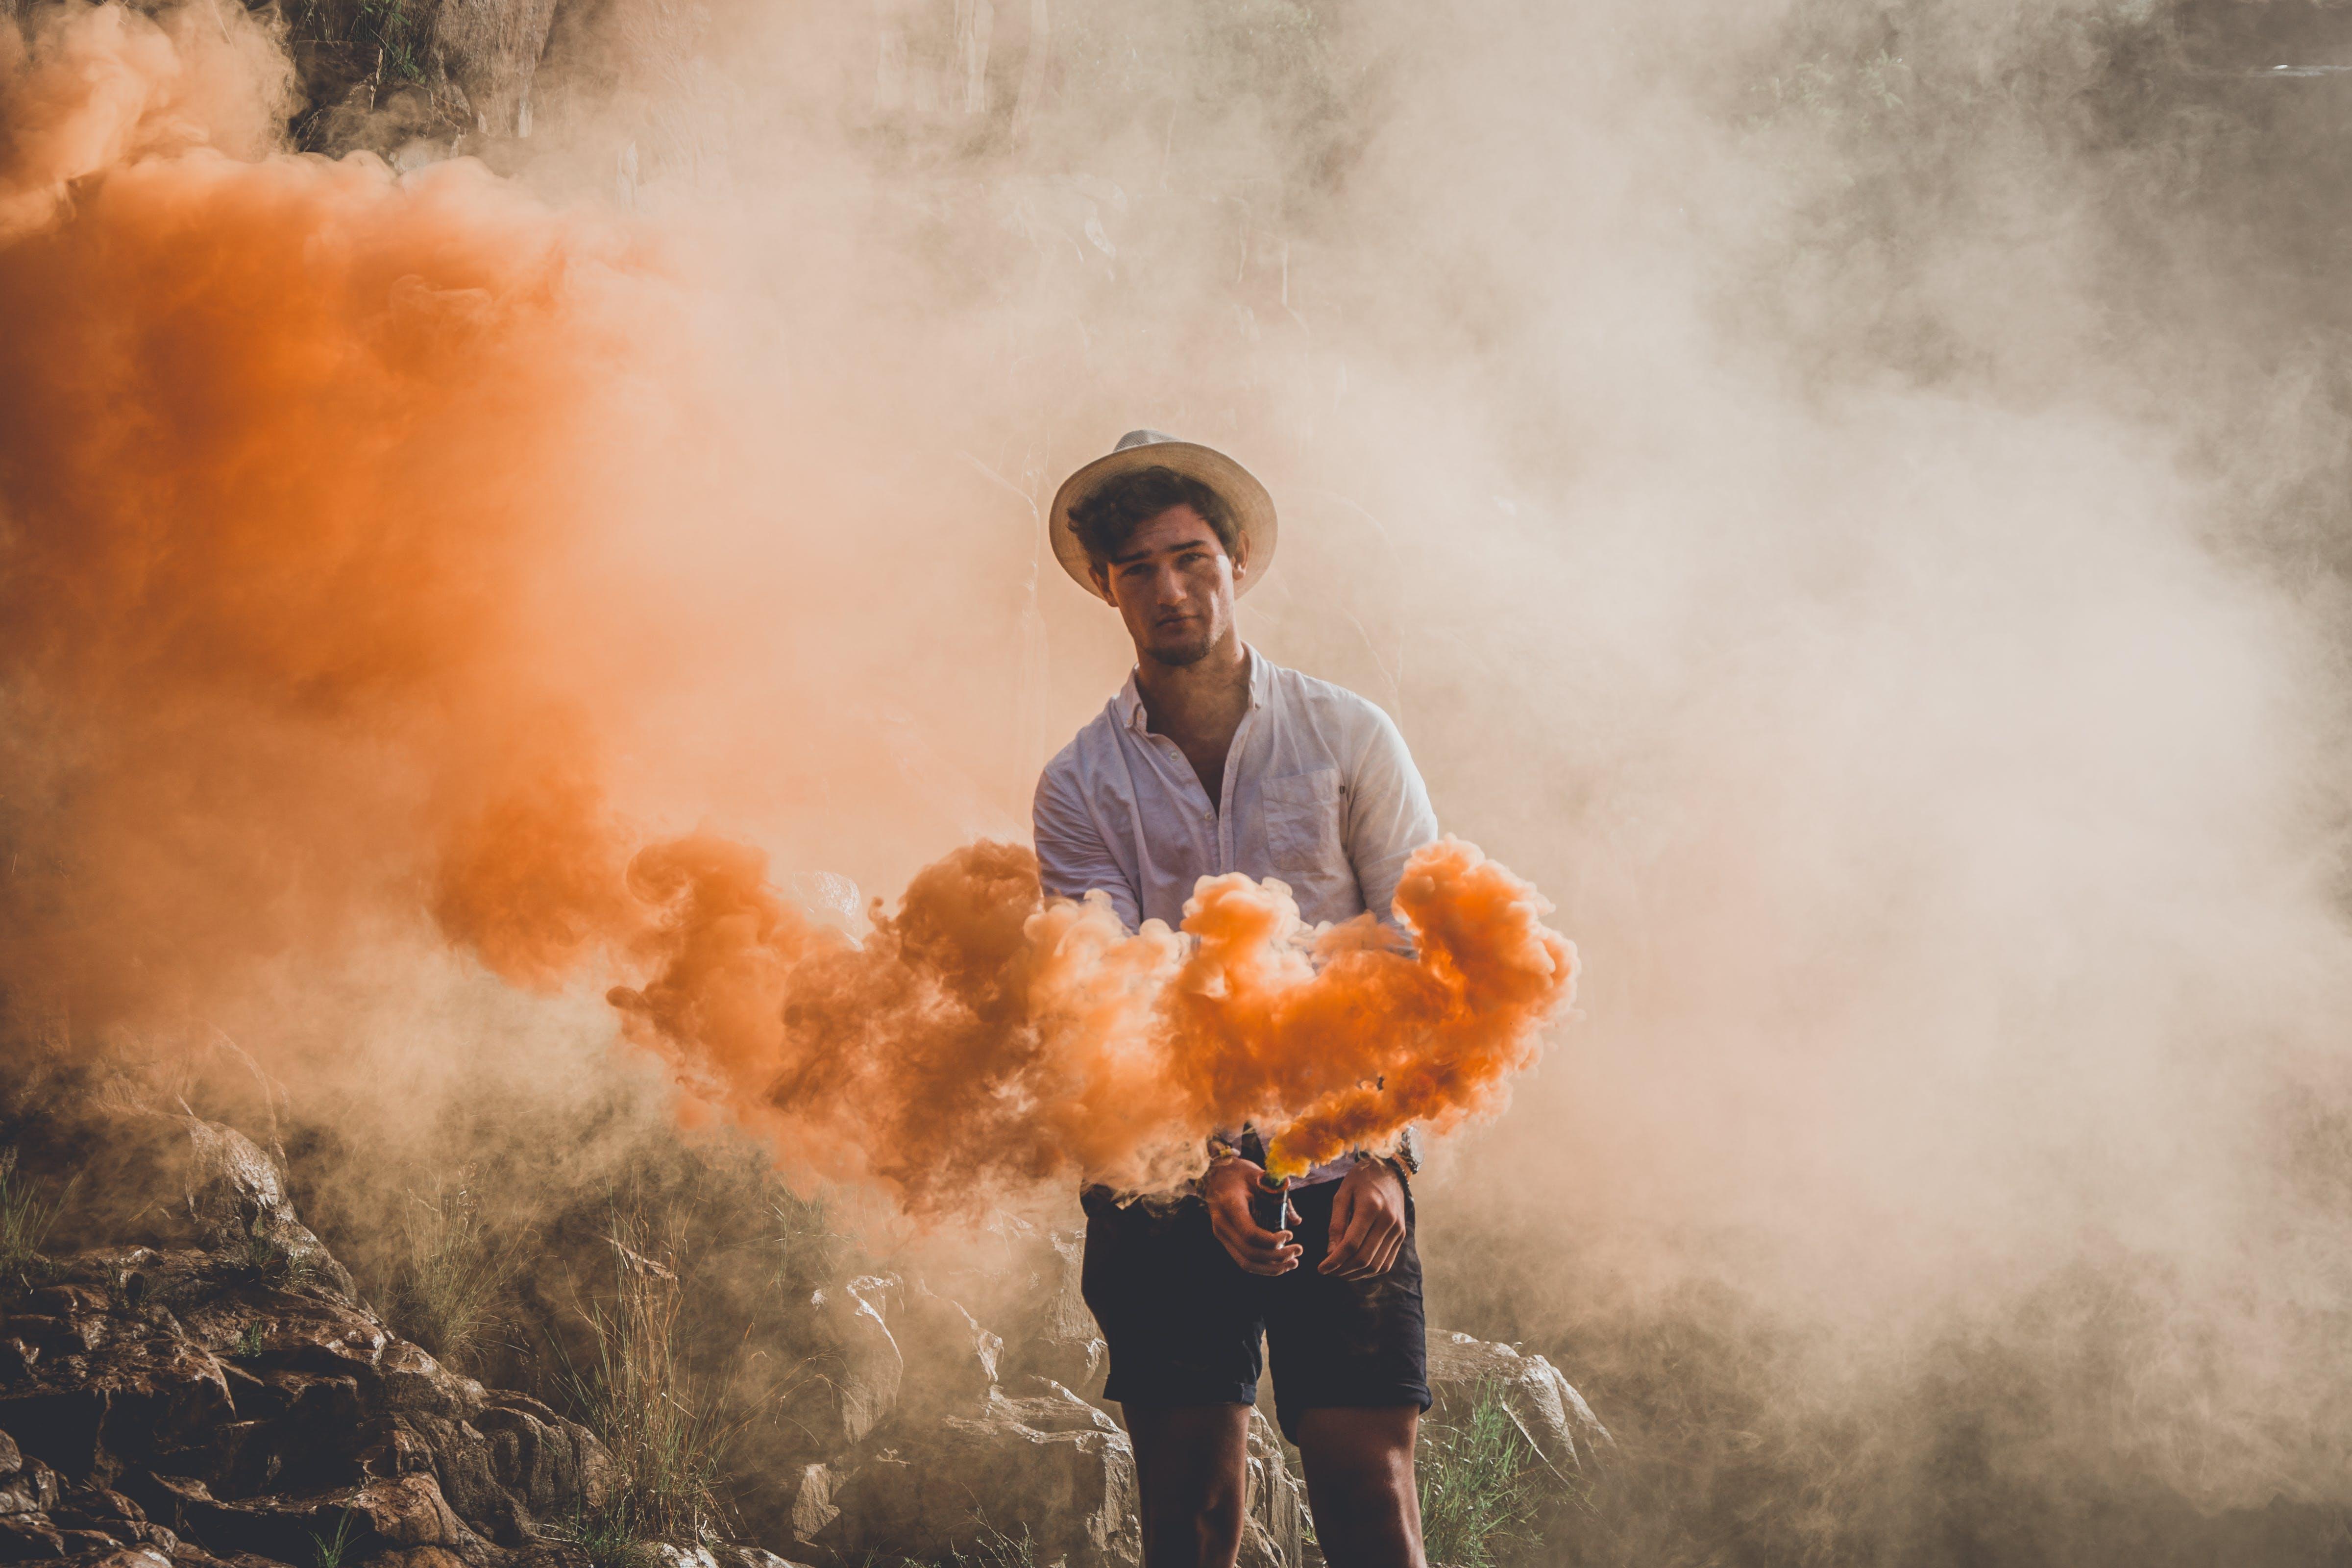 Kostenloses Stock Foto zu mann, orange, person, rauchbombe